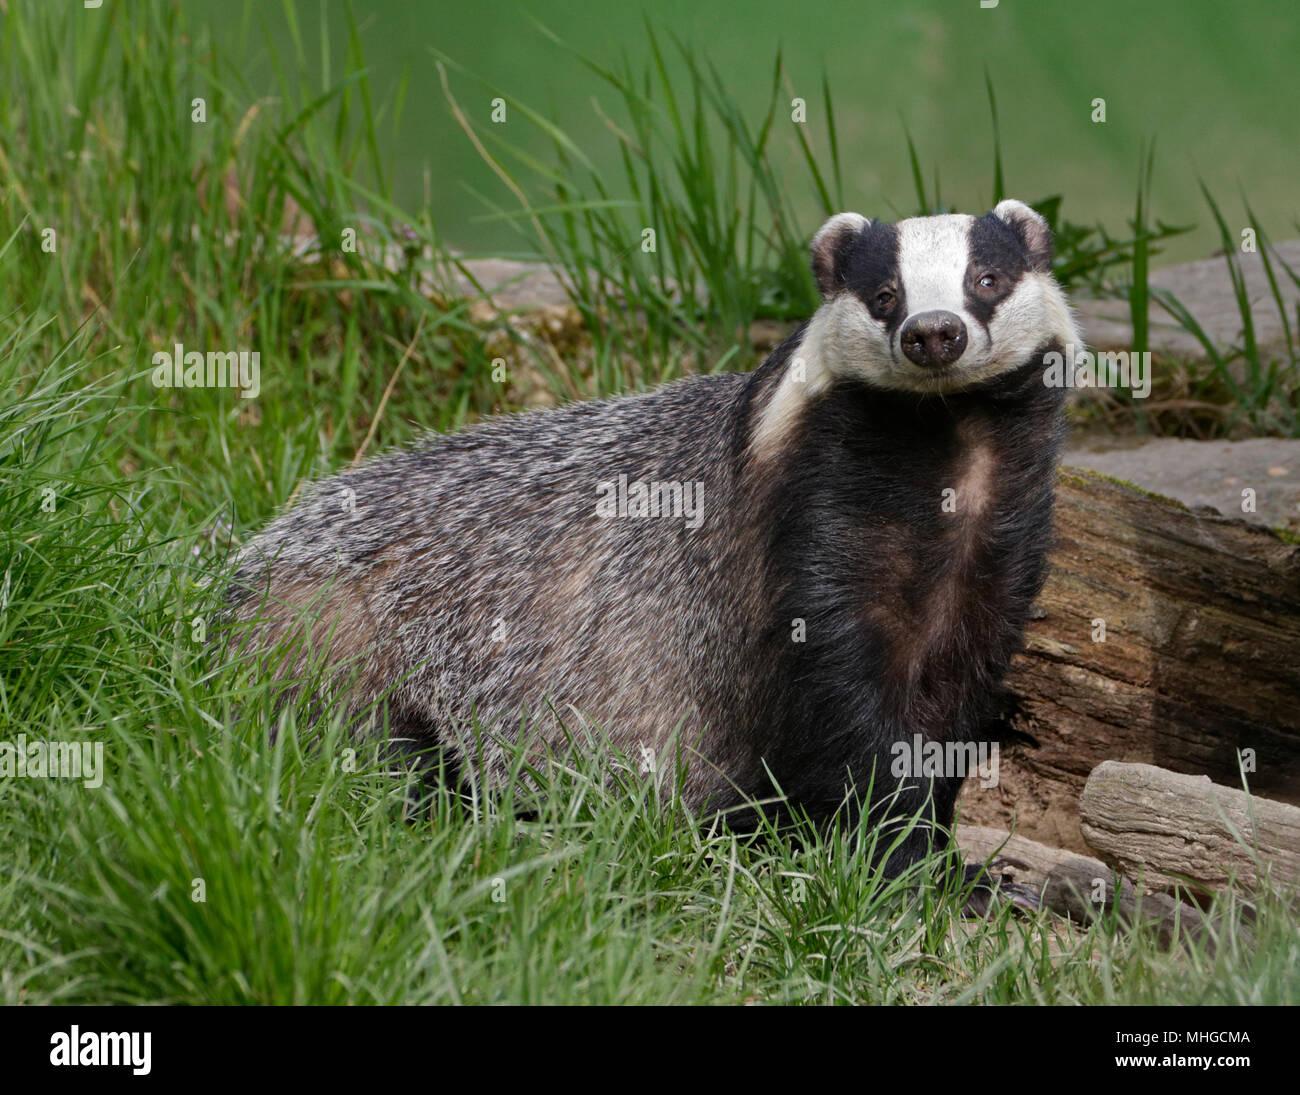 Eurasian Badger (meles meles) - Stock Image